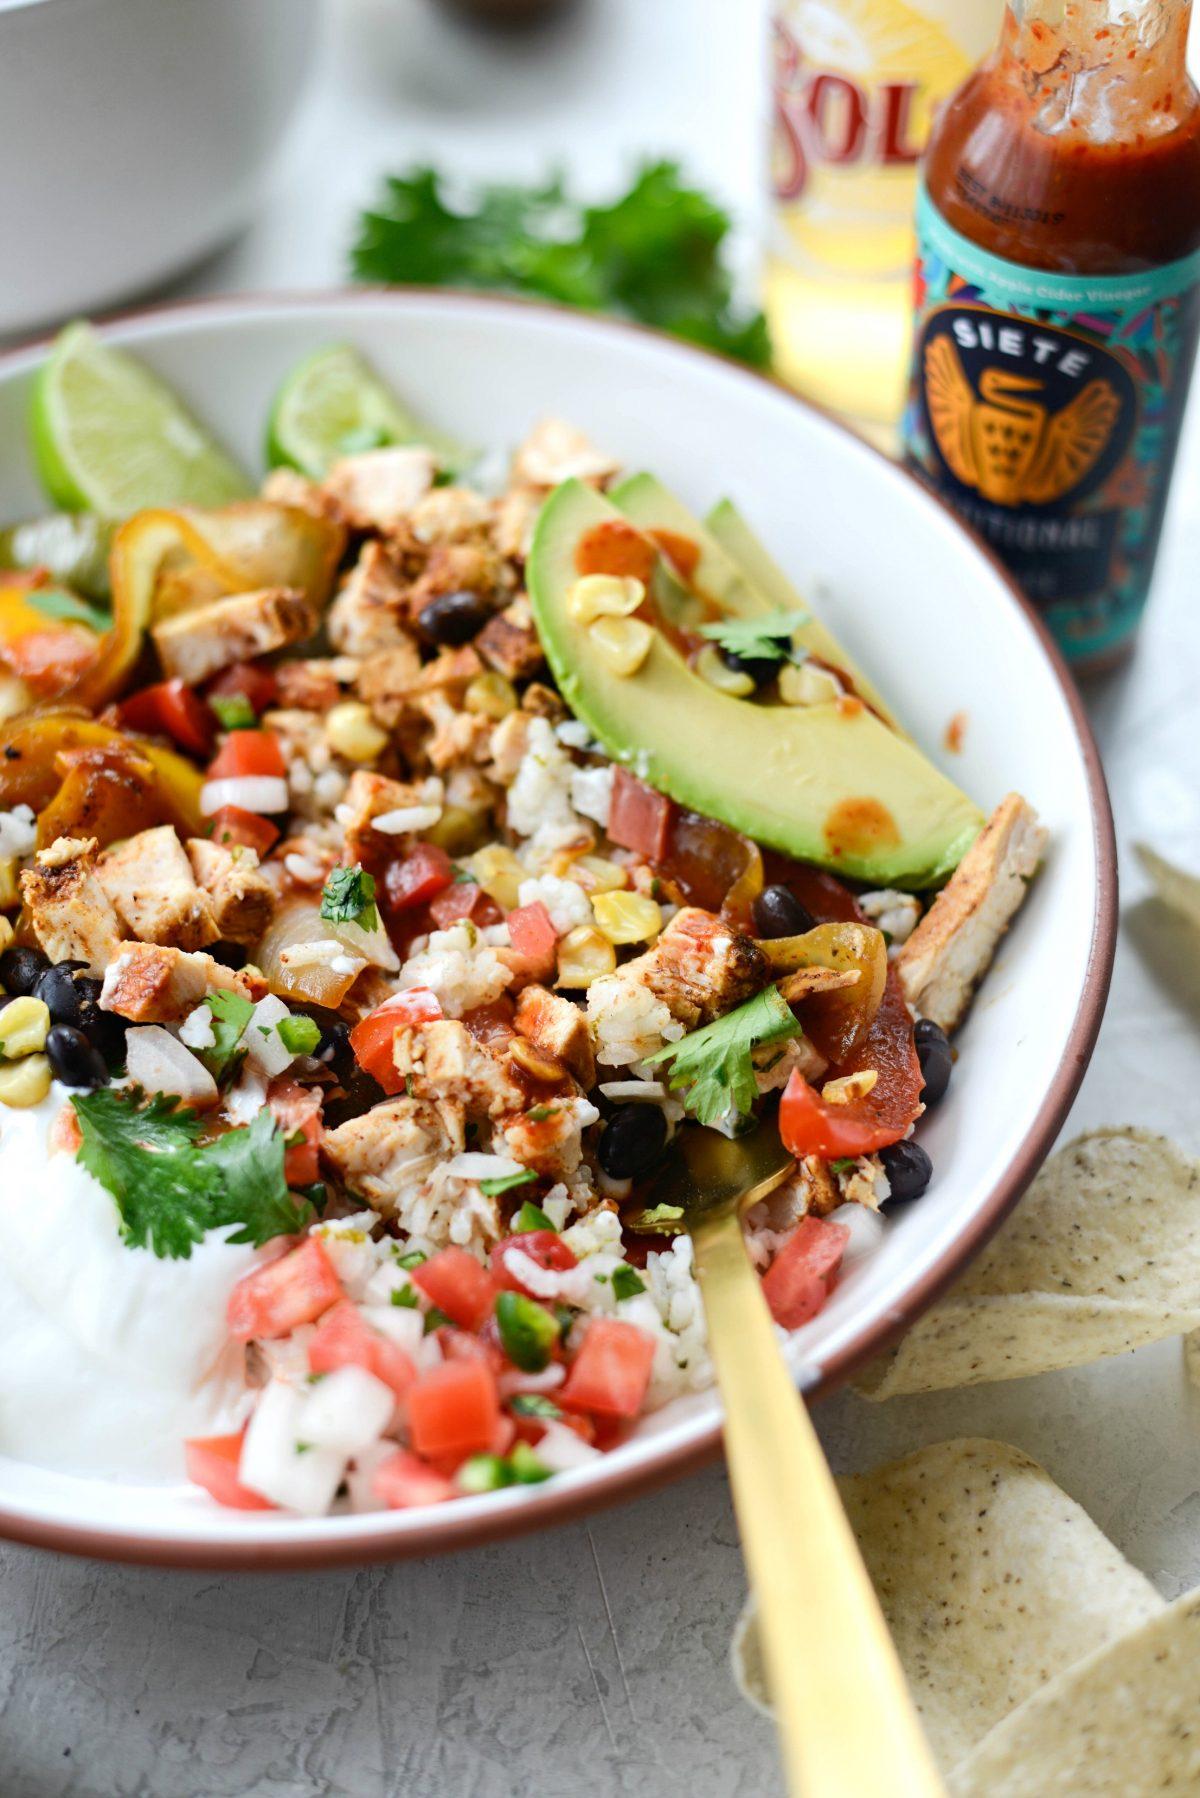 Chipotle Chicken Fajita Rice Bowls l SimplyScratch.com #chipotle #chicken #fajita #ricebowls #dinner #easy